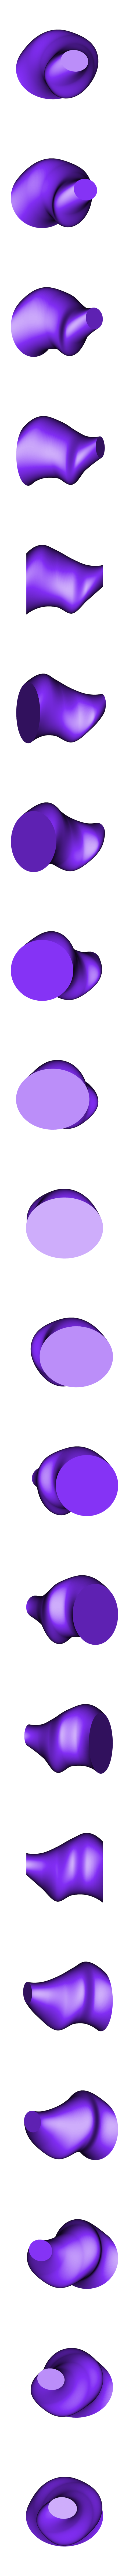 ellipsespiral.stl Télécharger fichier STL gratuit Test en mode vase ellipsespiral • Modèle pour impression 3D, Palmiga